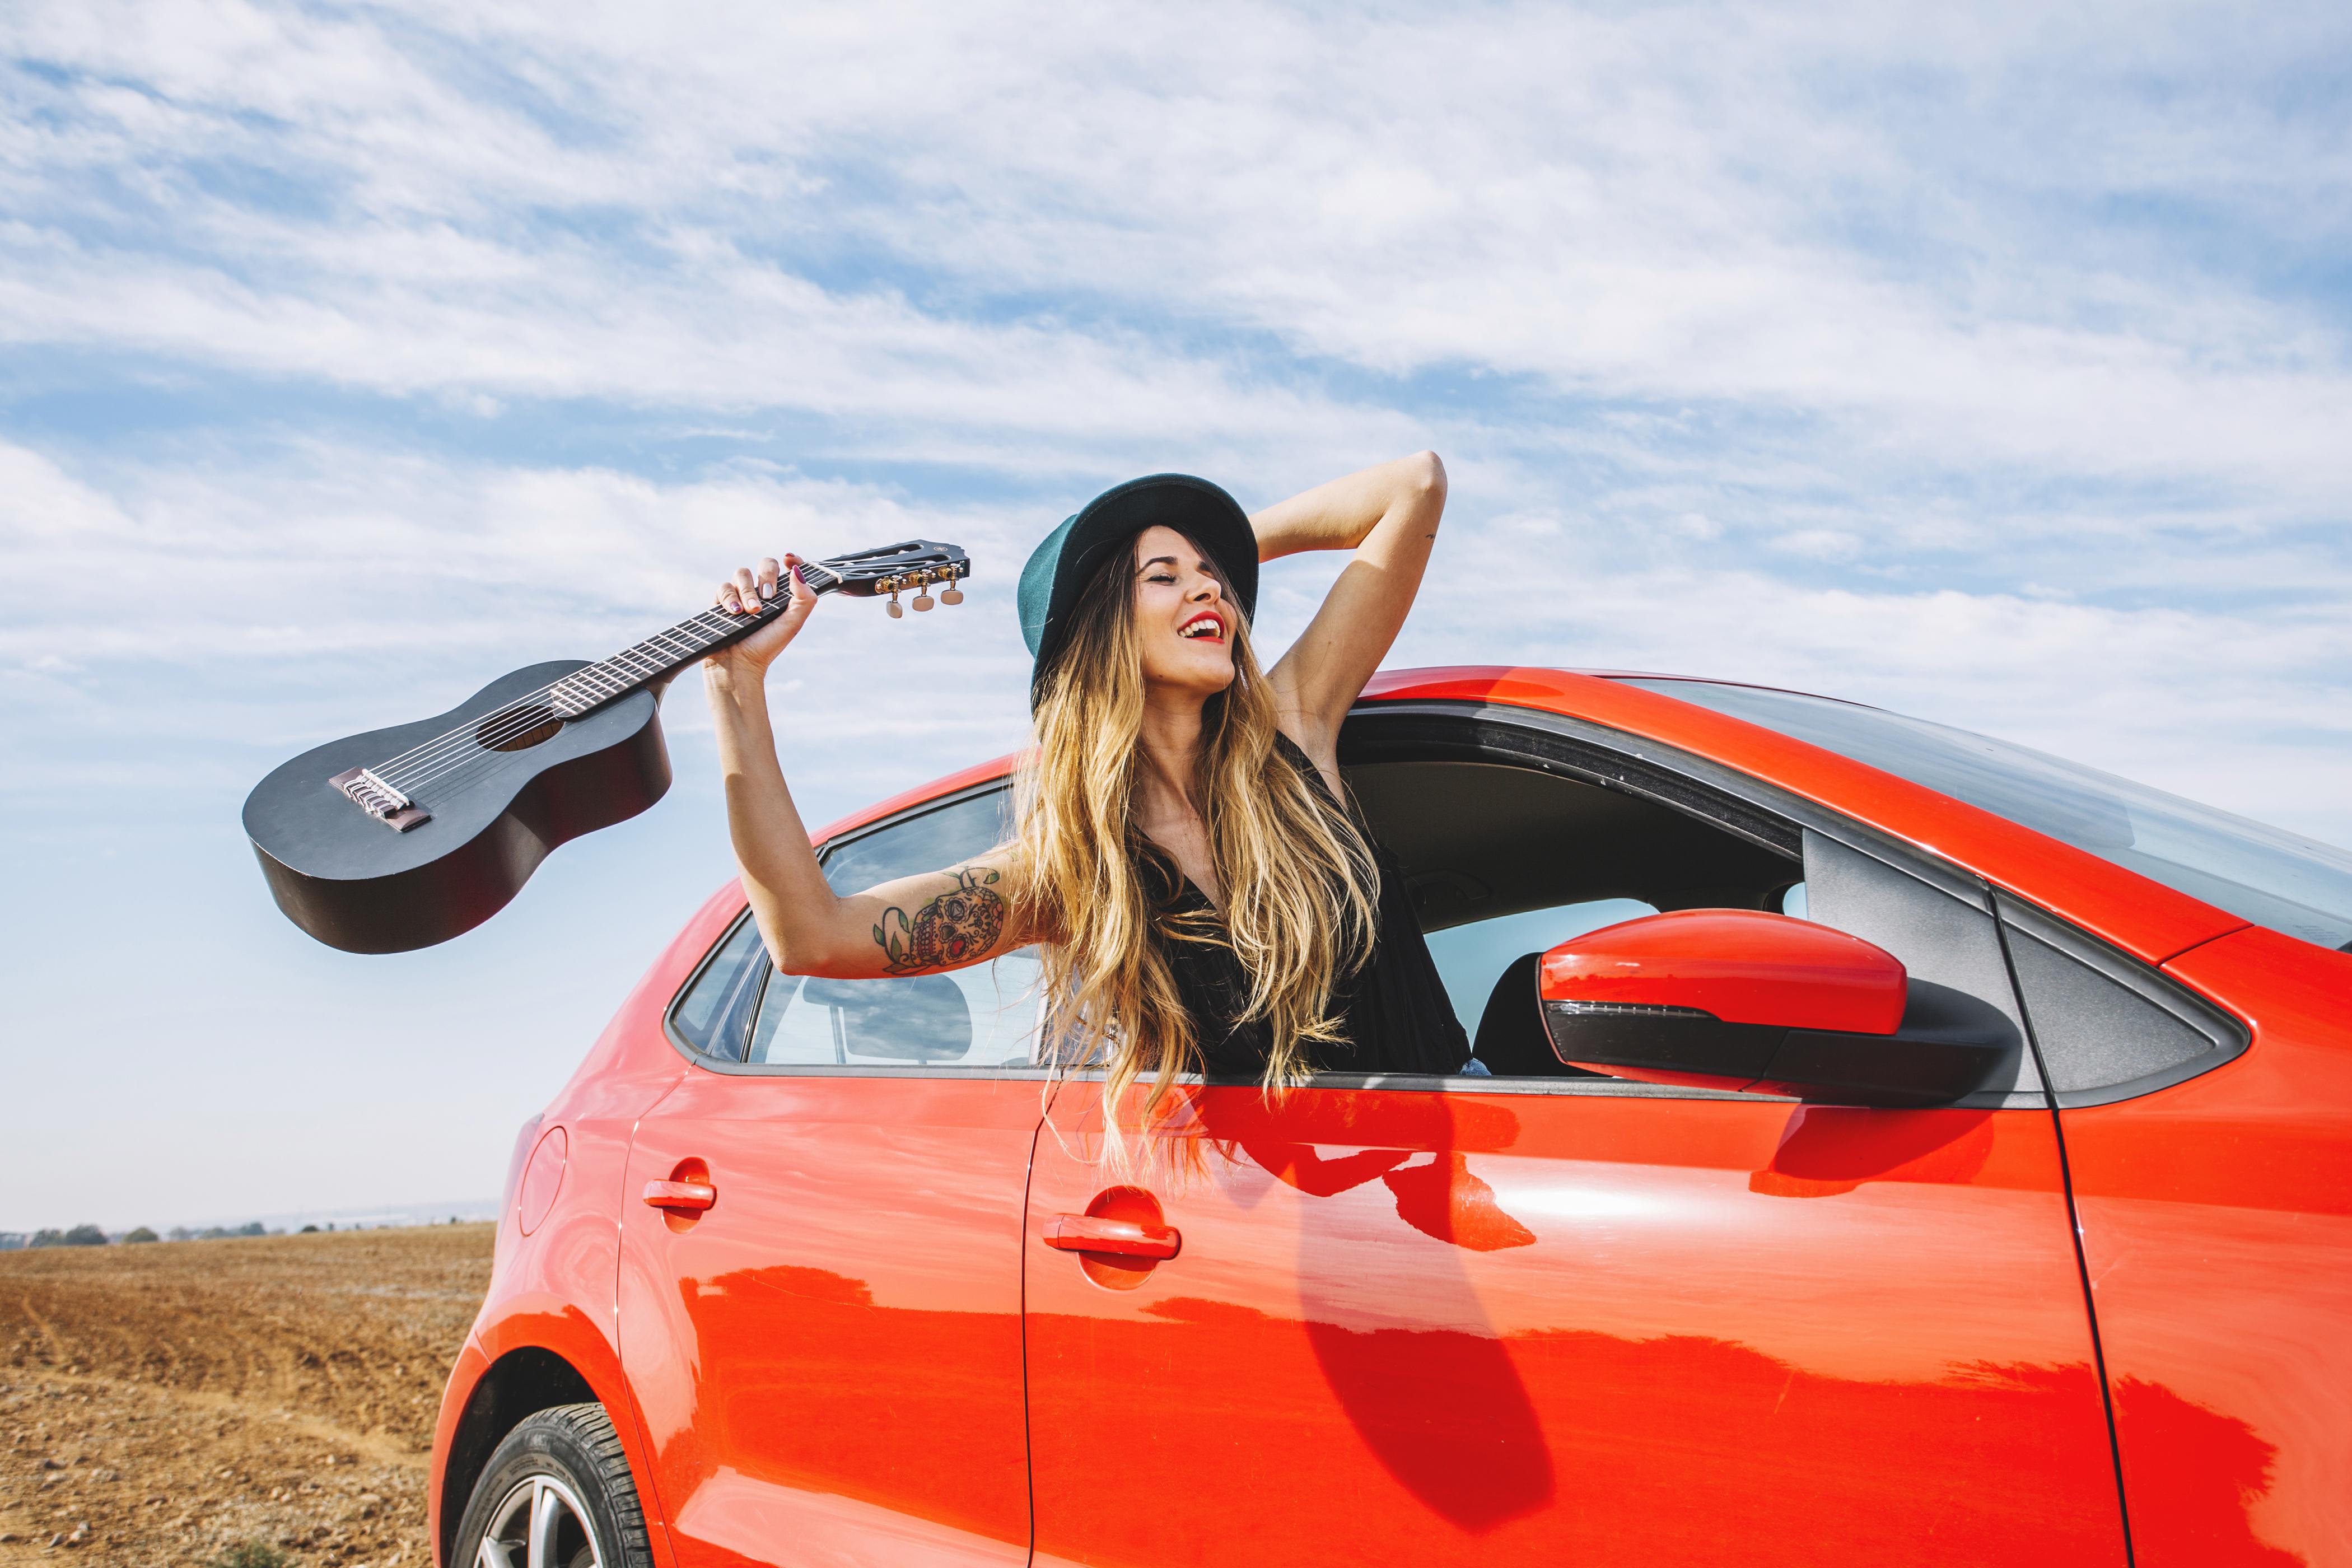 Фотографии Блондинка Гитара радостный шляпе Девушки рука 4200x2800 блондинок блондинки гитары с гитарой счастье Радость радостная счастливая счастливый счастливые Шляпа шляпы девушка молодые женщины молодая женщина Руки